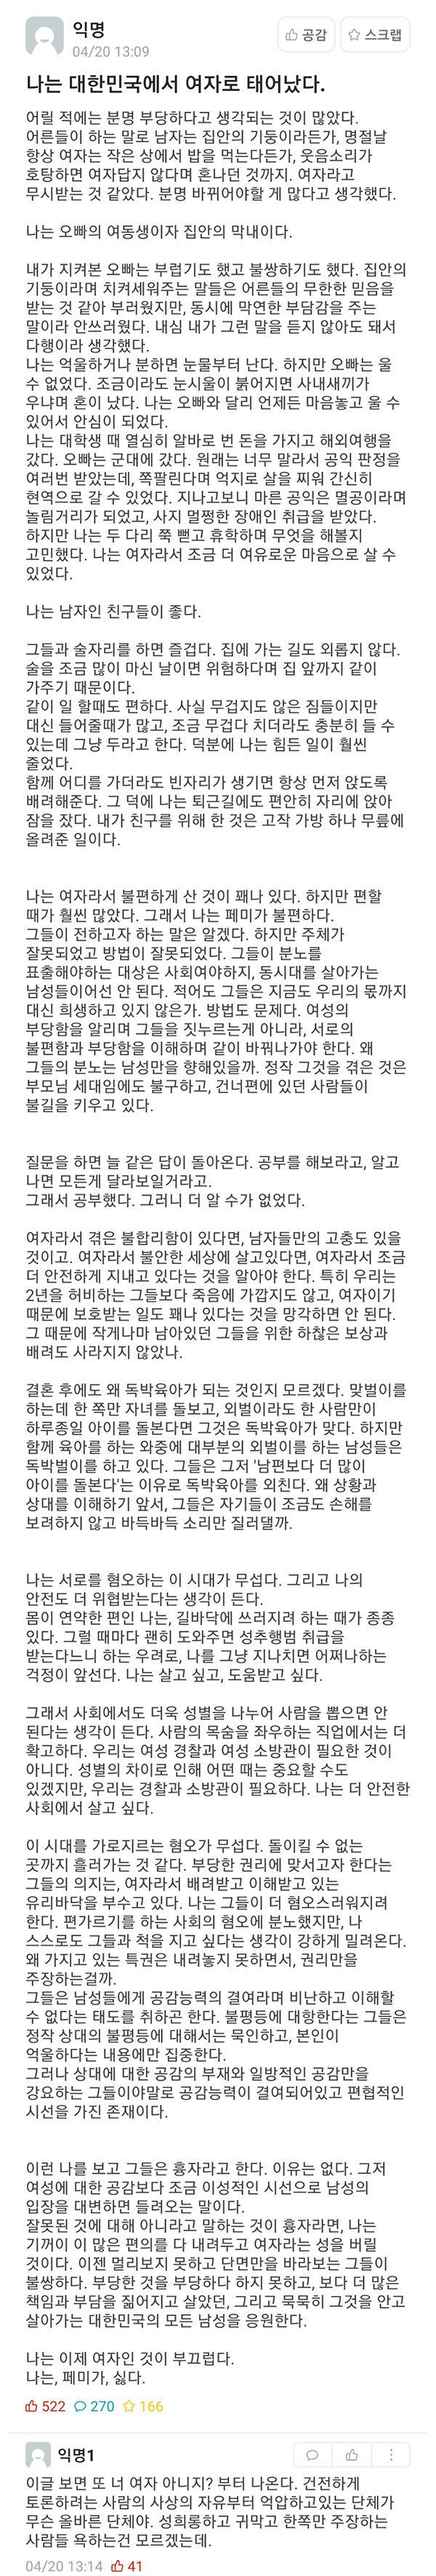 나는 대한민국에서 여자로 태어났다 - 꾸르